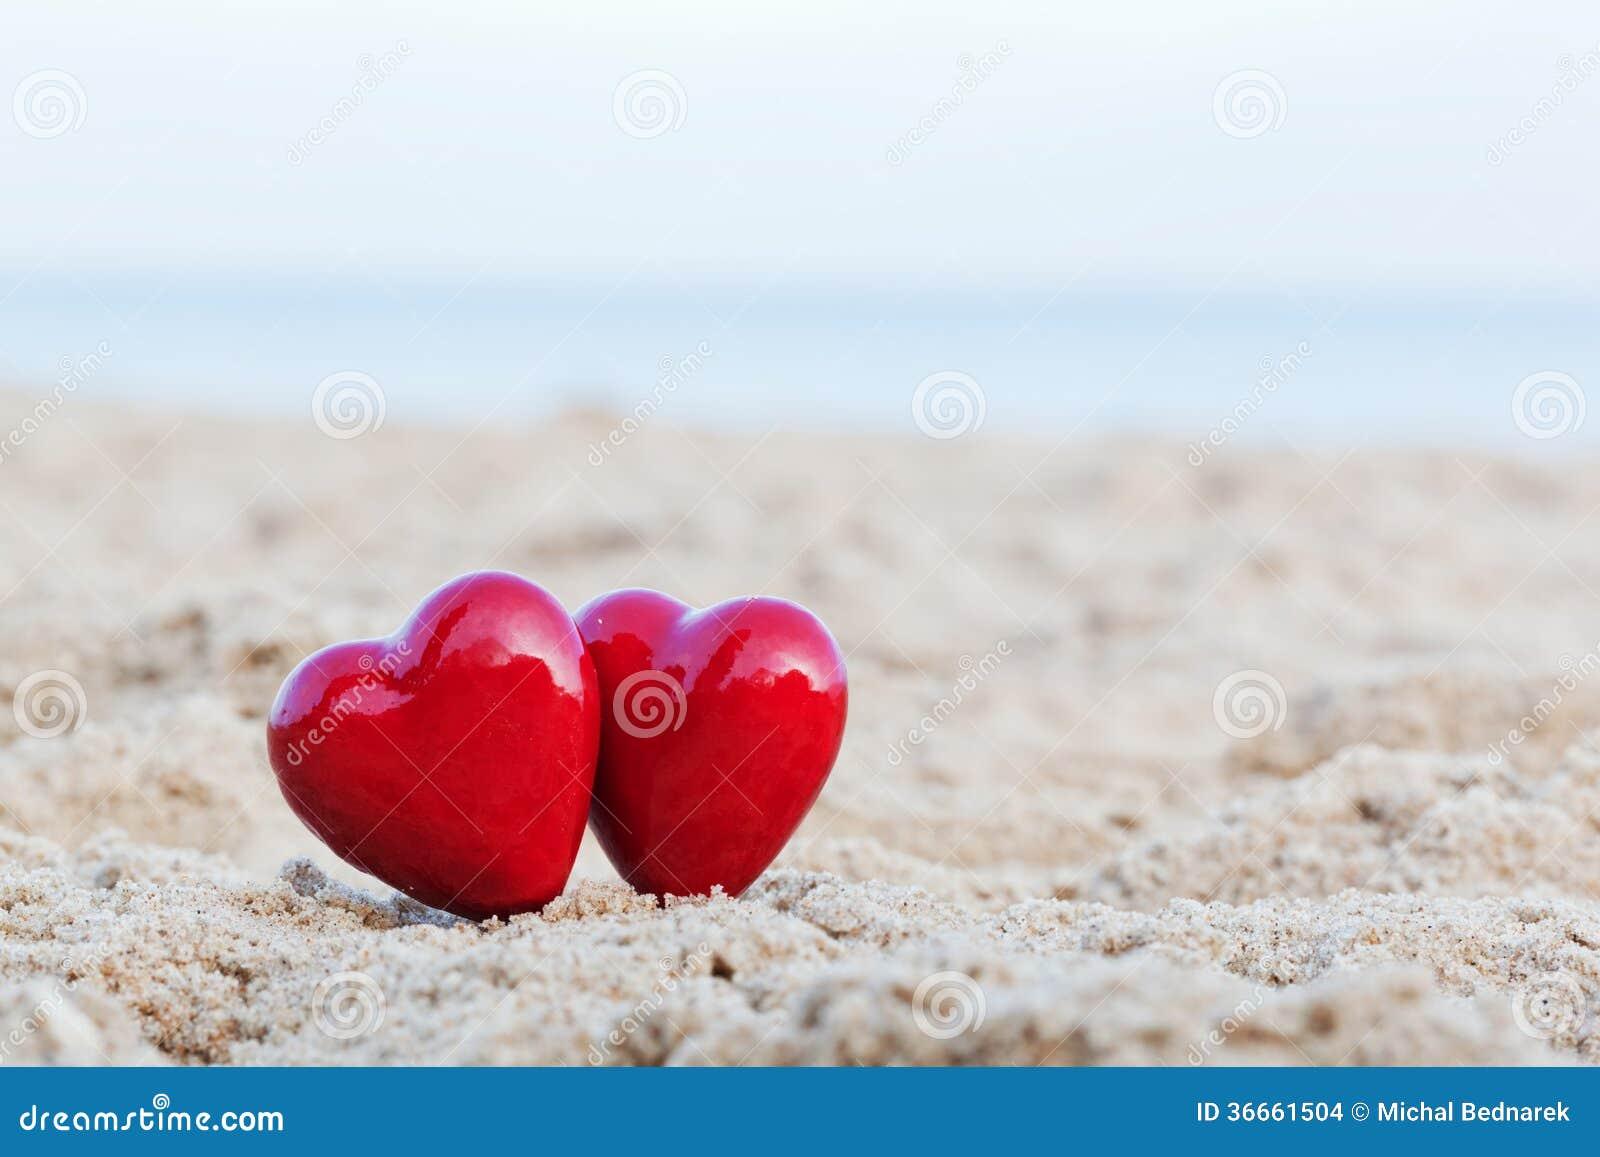 Zwei rote Herzen auf dem Strand. Liebe